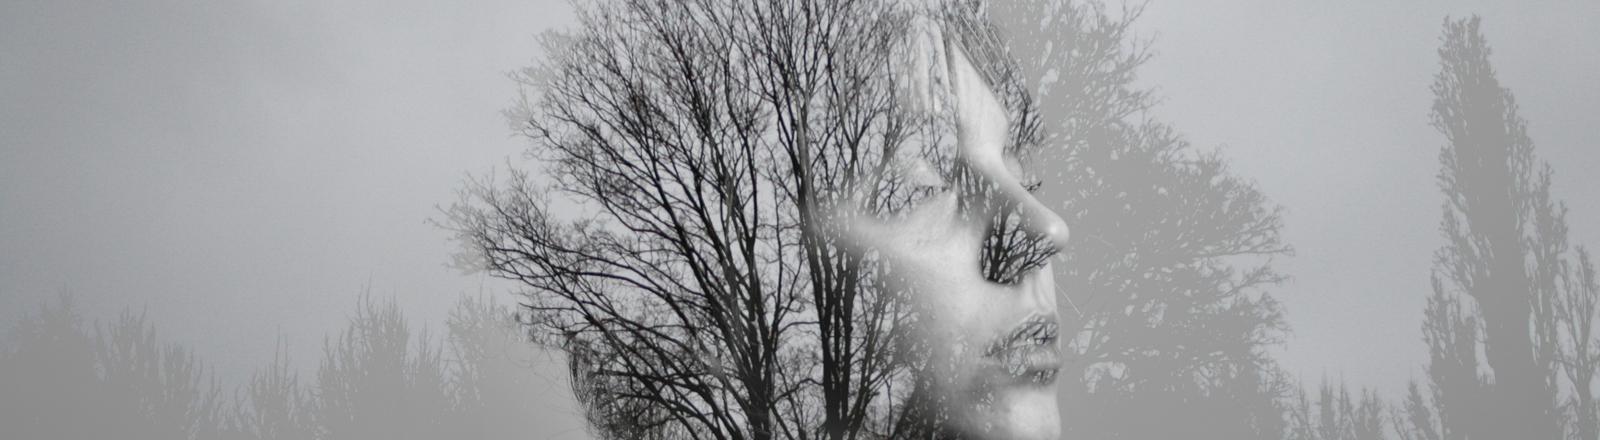 Ein schwarzweiß-Foto zeigt ein Portrait vor einer Herbstlandschaft